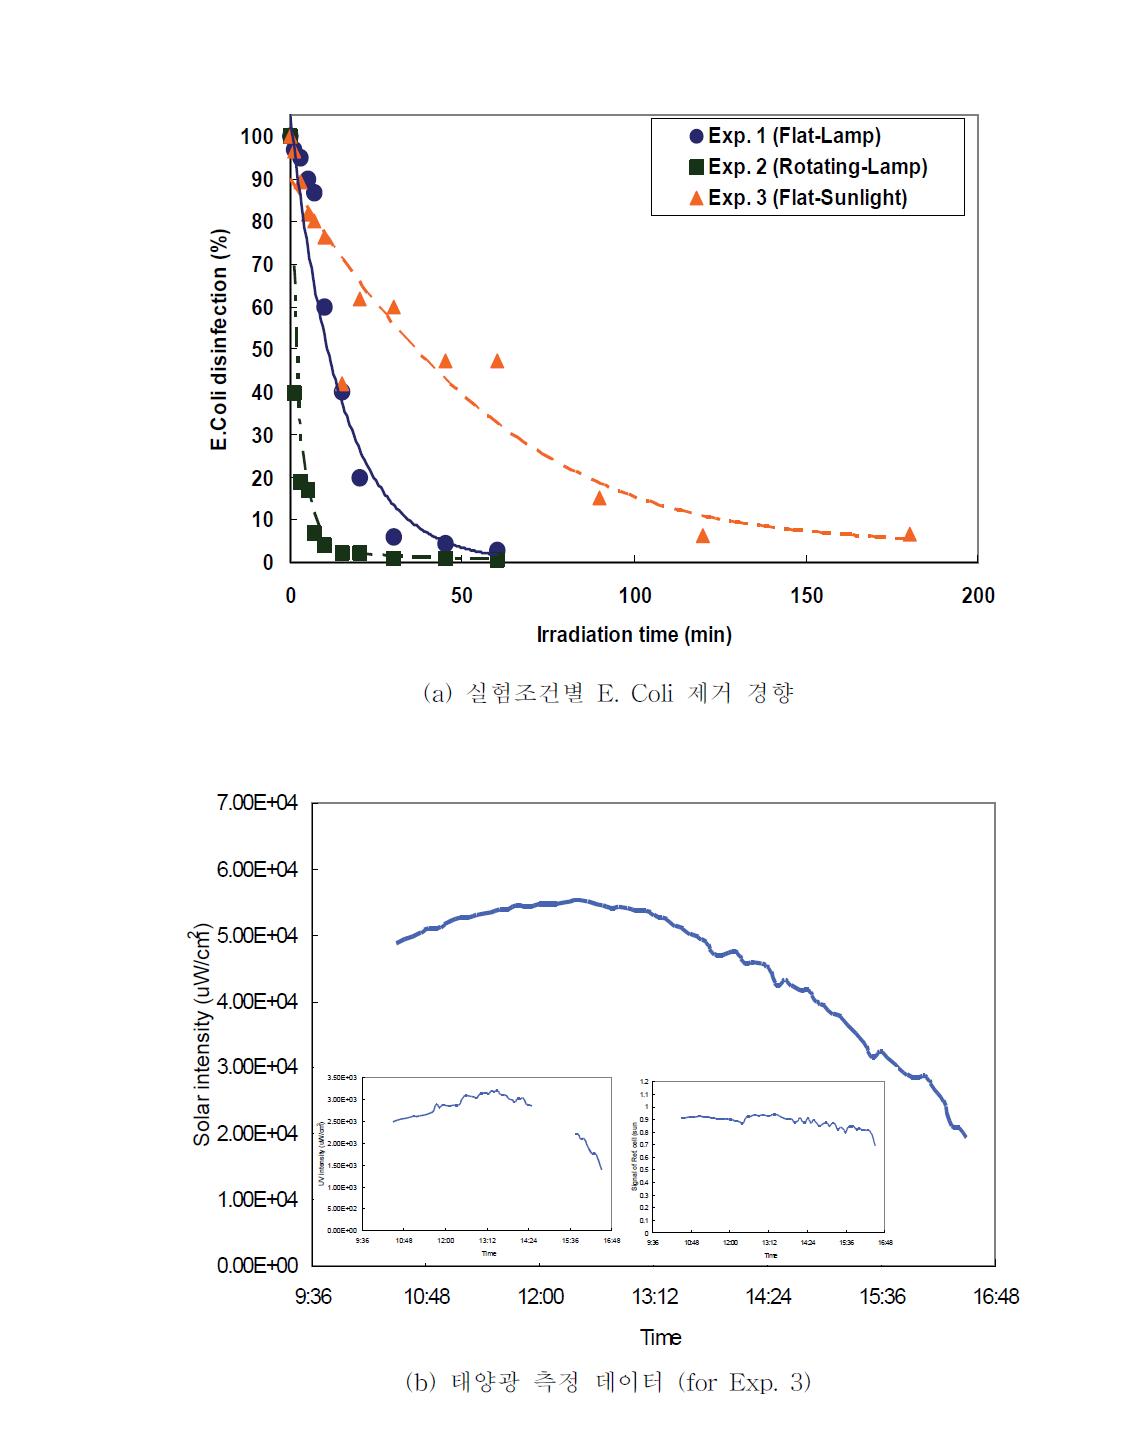 인공광원 및 태양광을 이용한 미생물 제거 실험 및 태양광 측정 결과